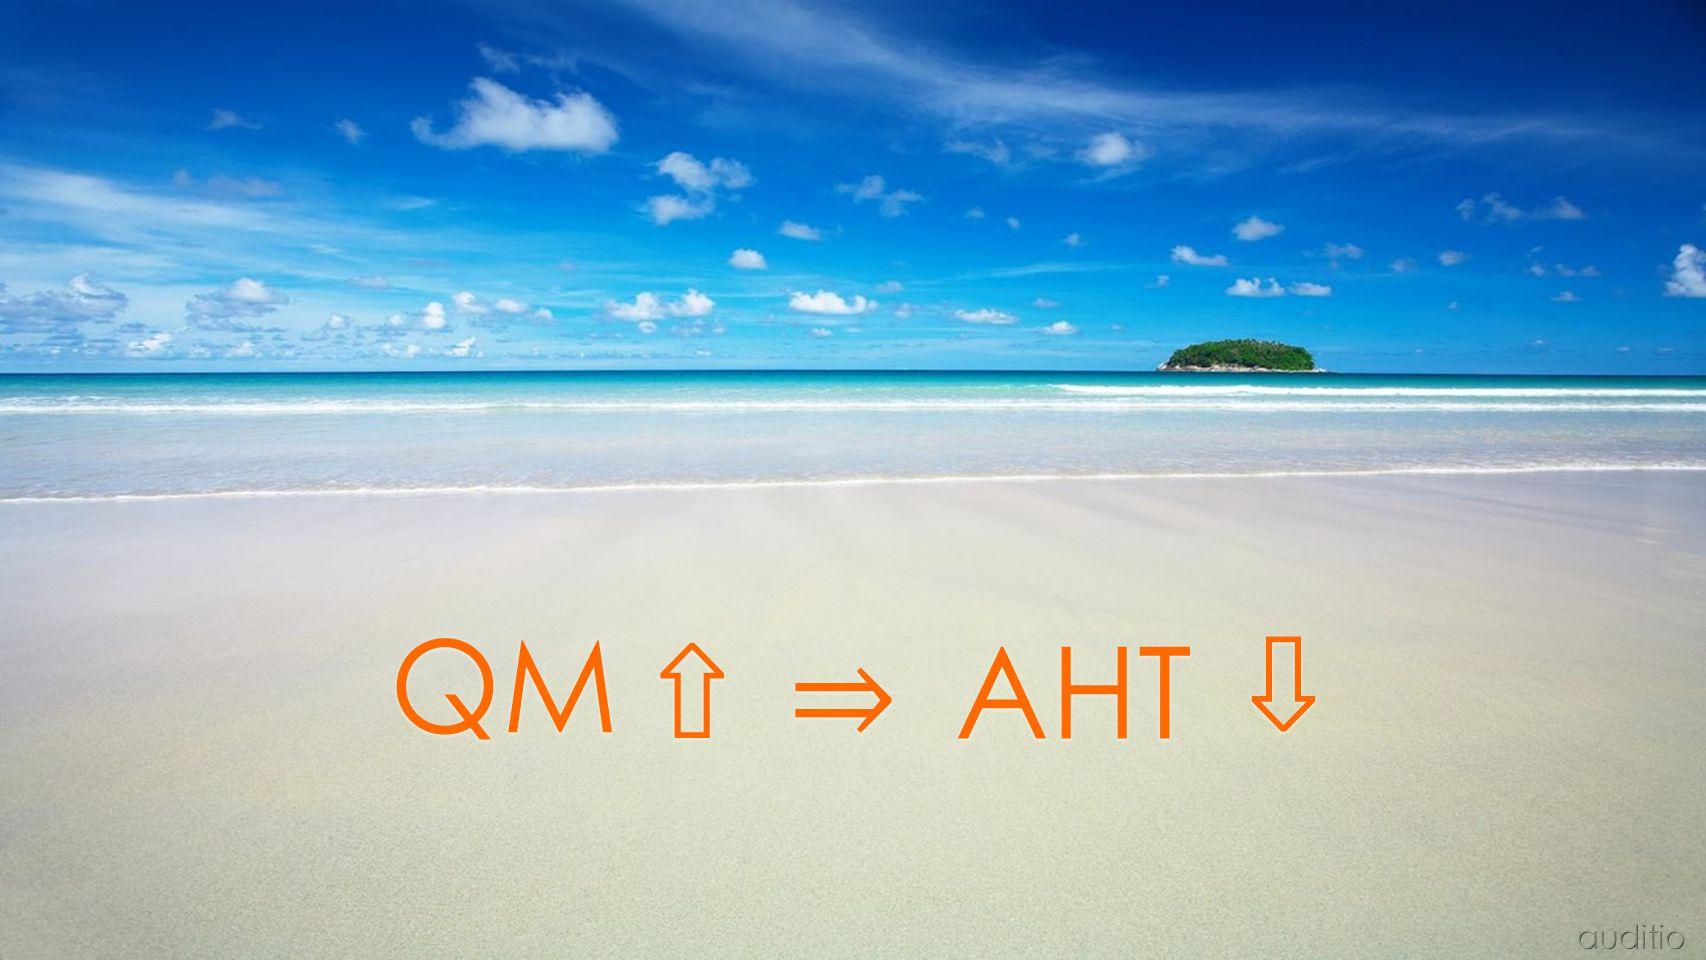 QM ⇧ ⇒ AHT ⇧ auditio